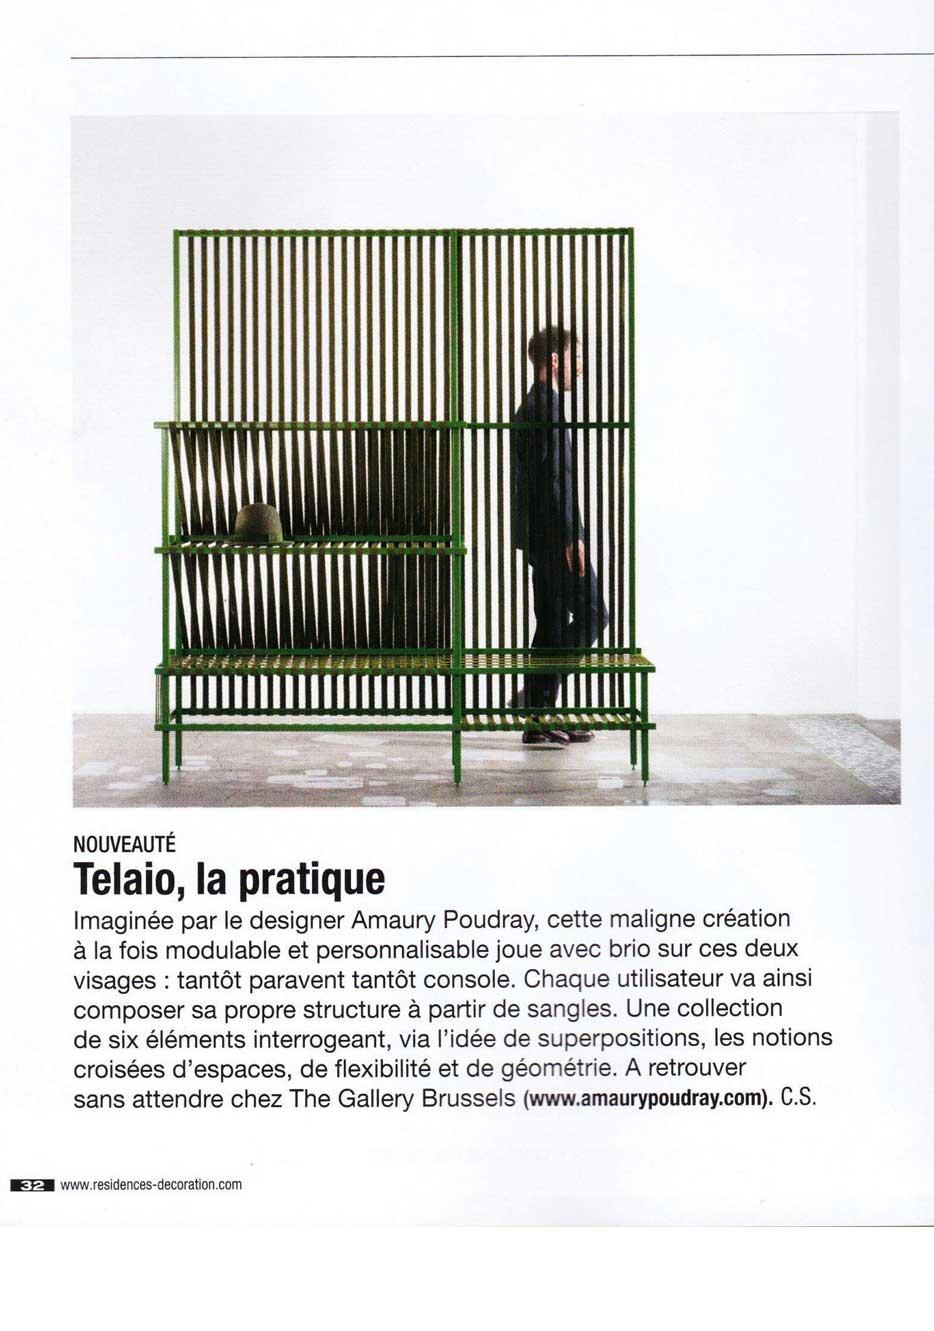 Article Telaio, structure en sangles